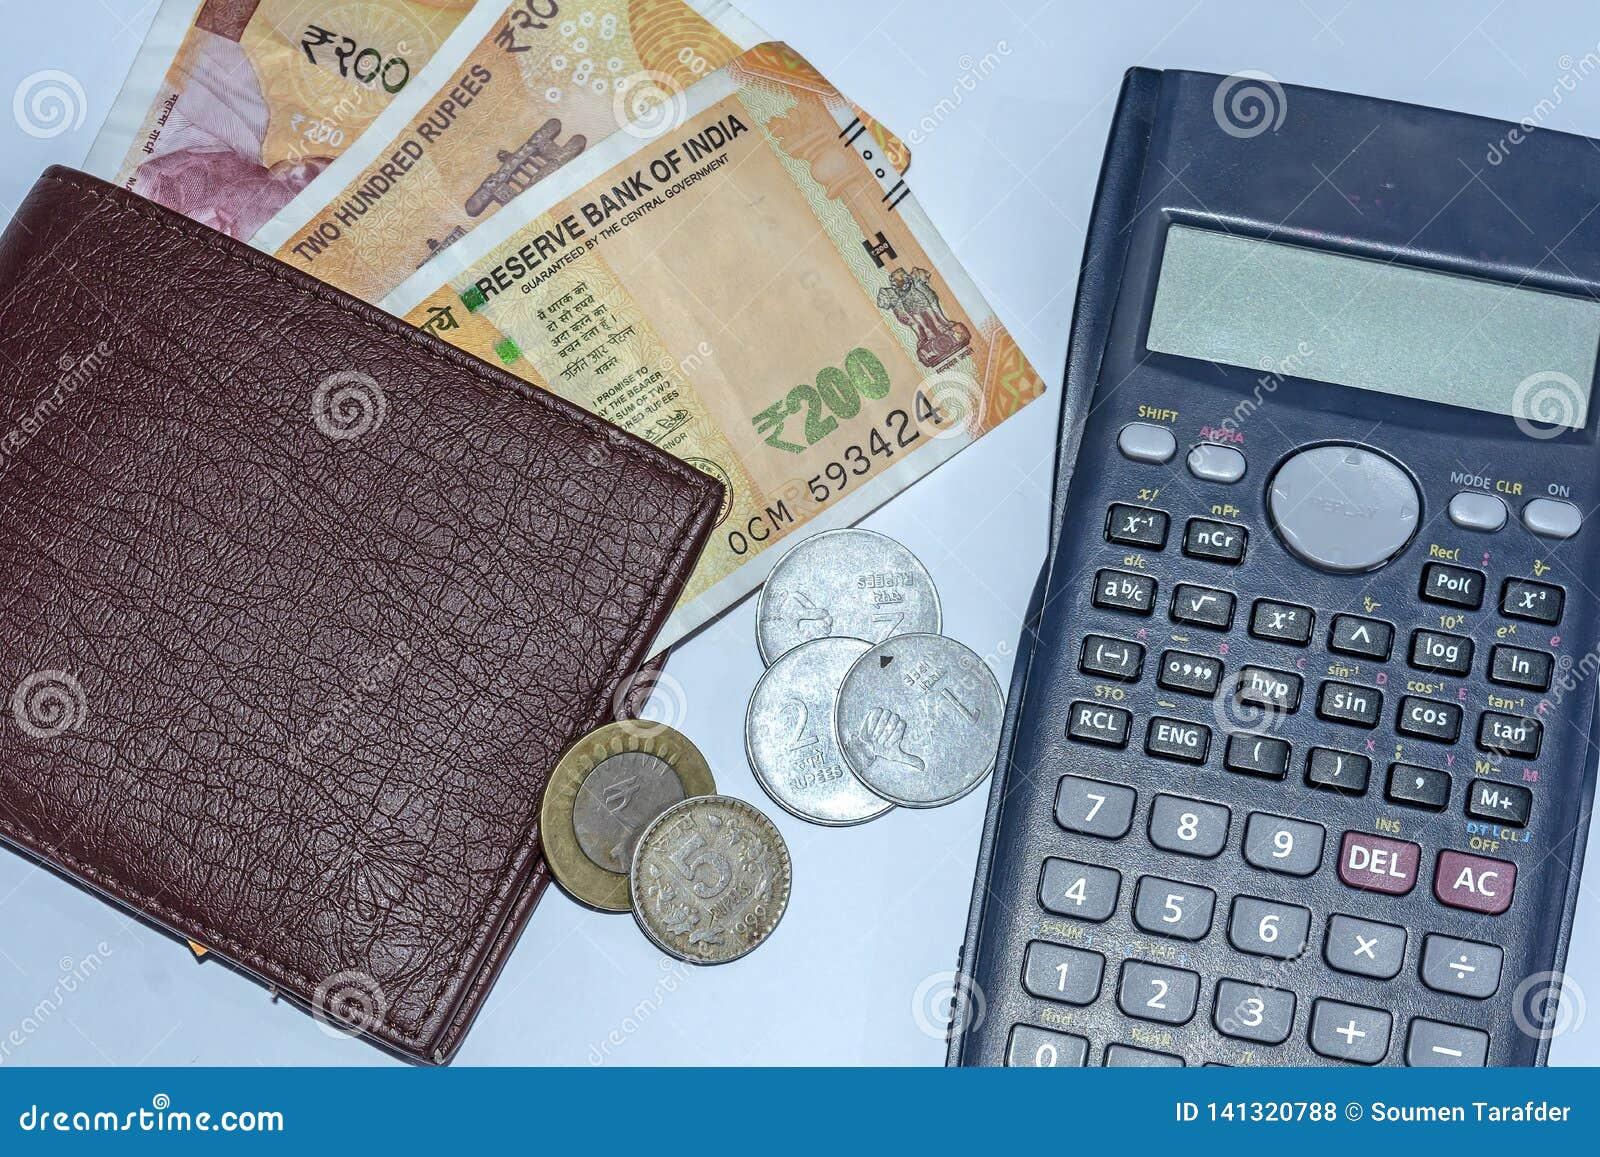 Vista alta vicina del calcolatore, del portafoglio con le 200 rupie indiane nuovissime di banconote e delle monete da 1,2,10 rupi